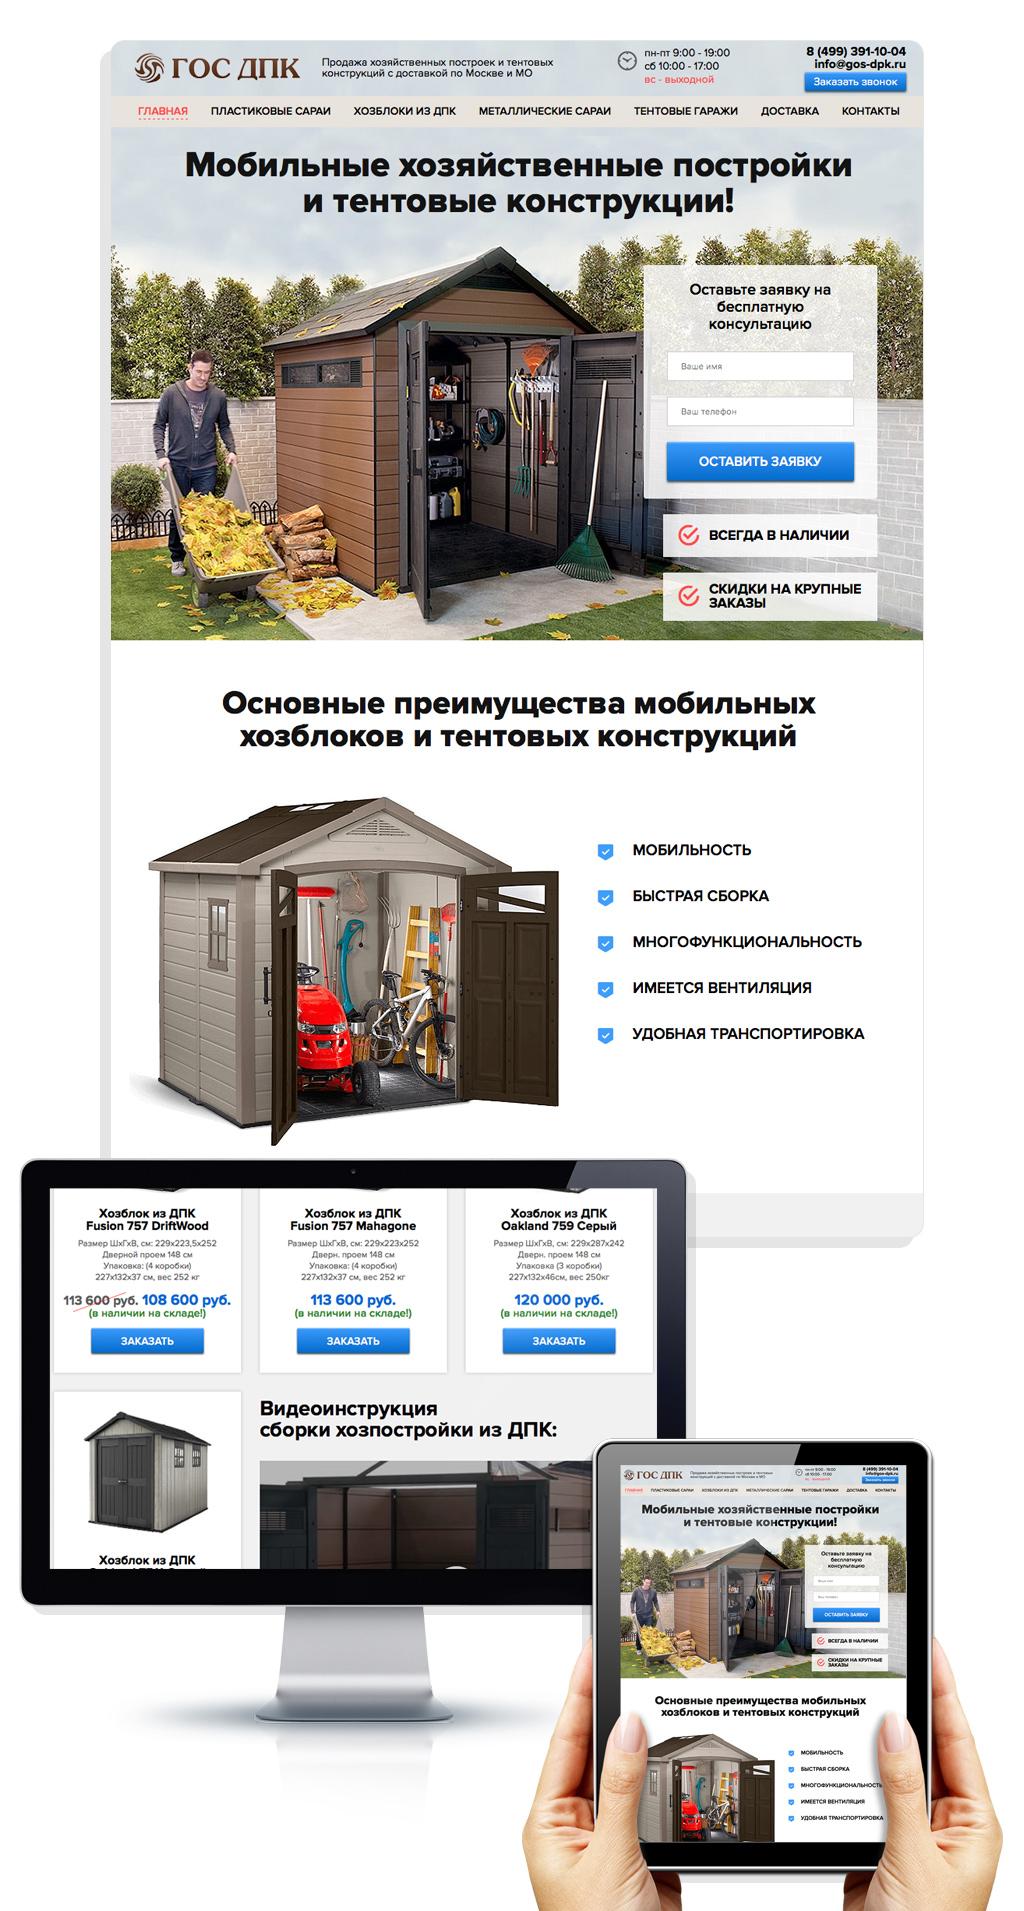 Верстка сайта по постройкам ГОС ДПК